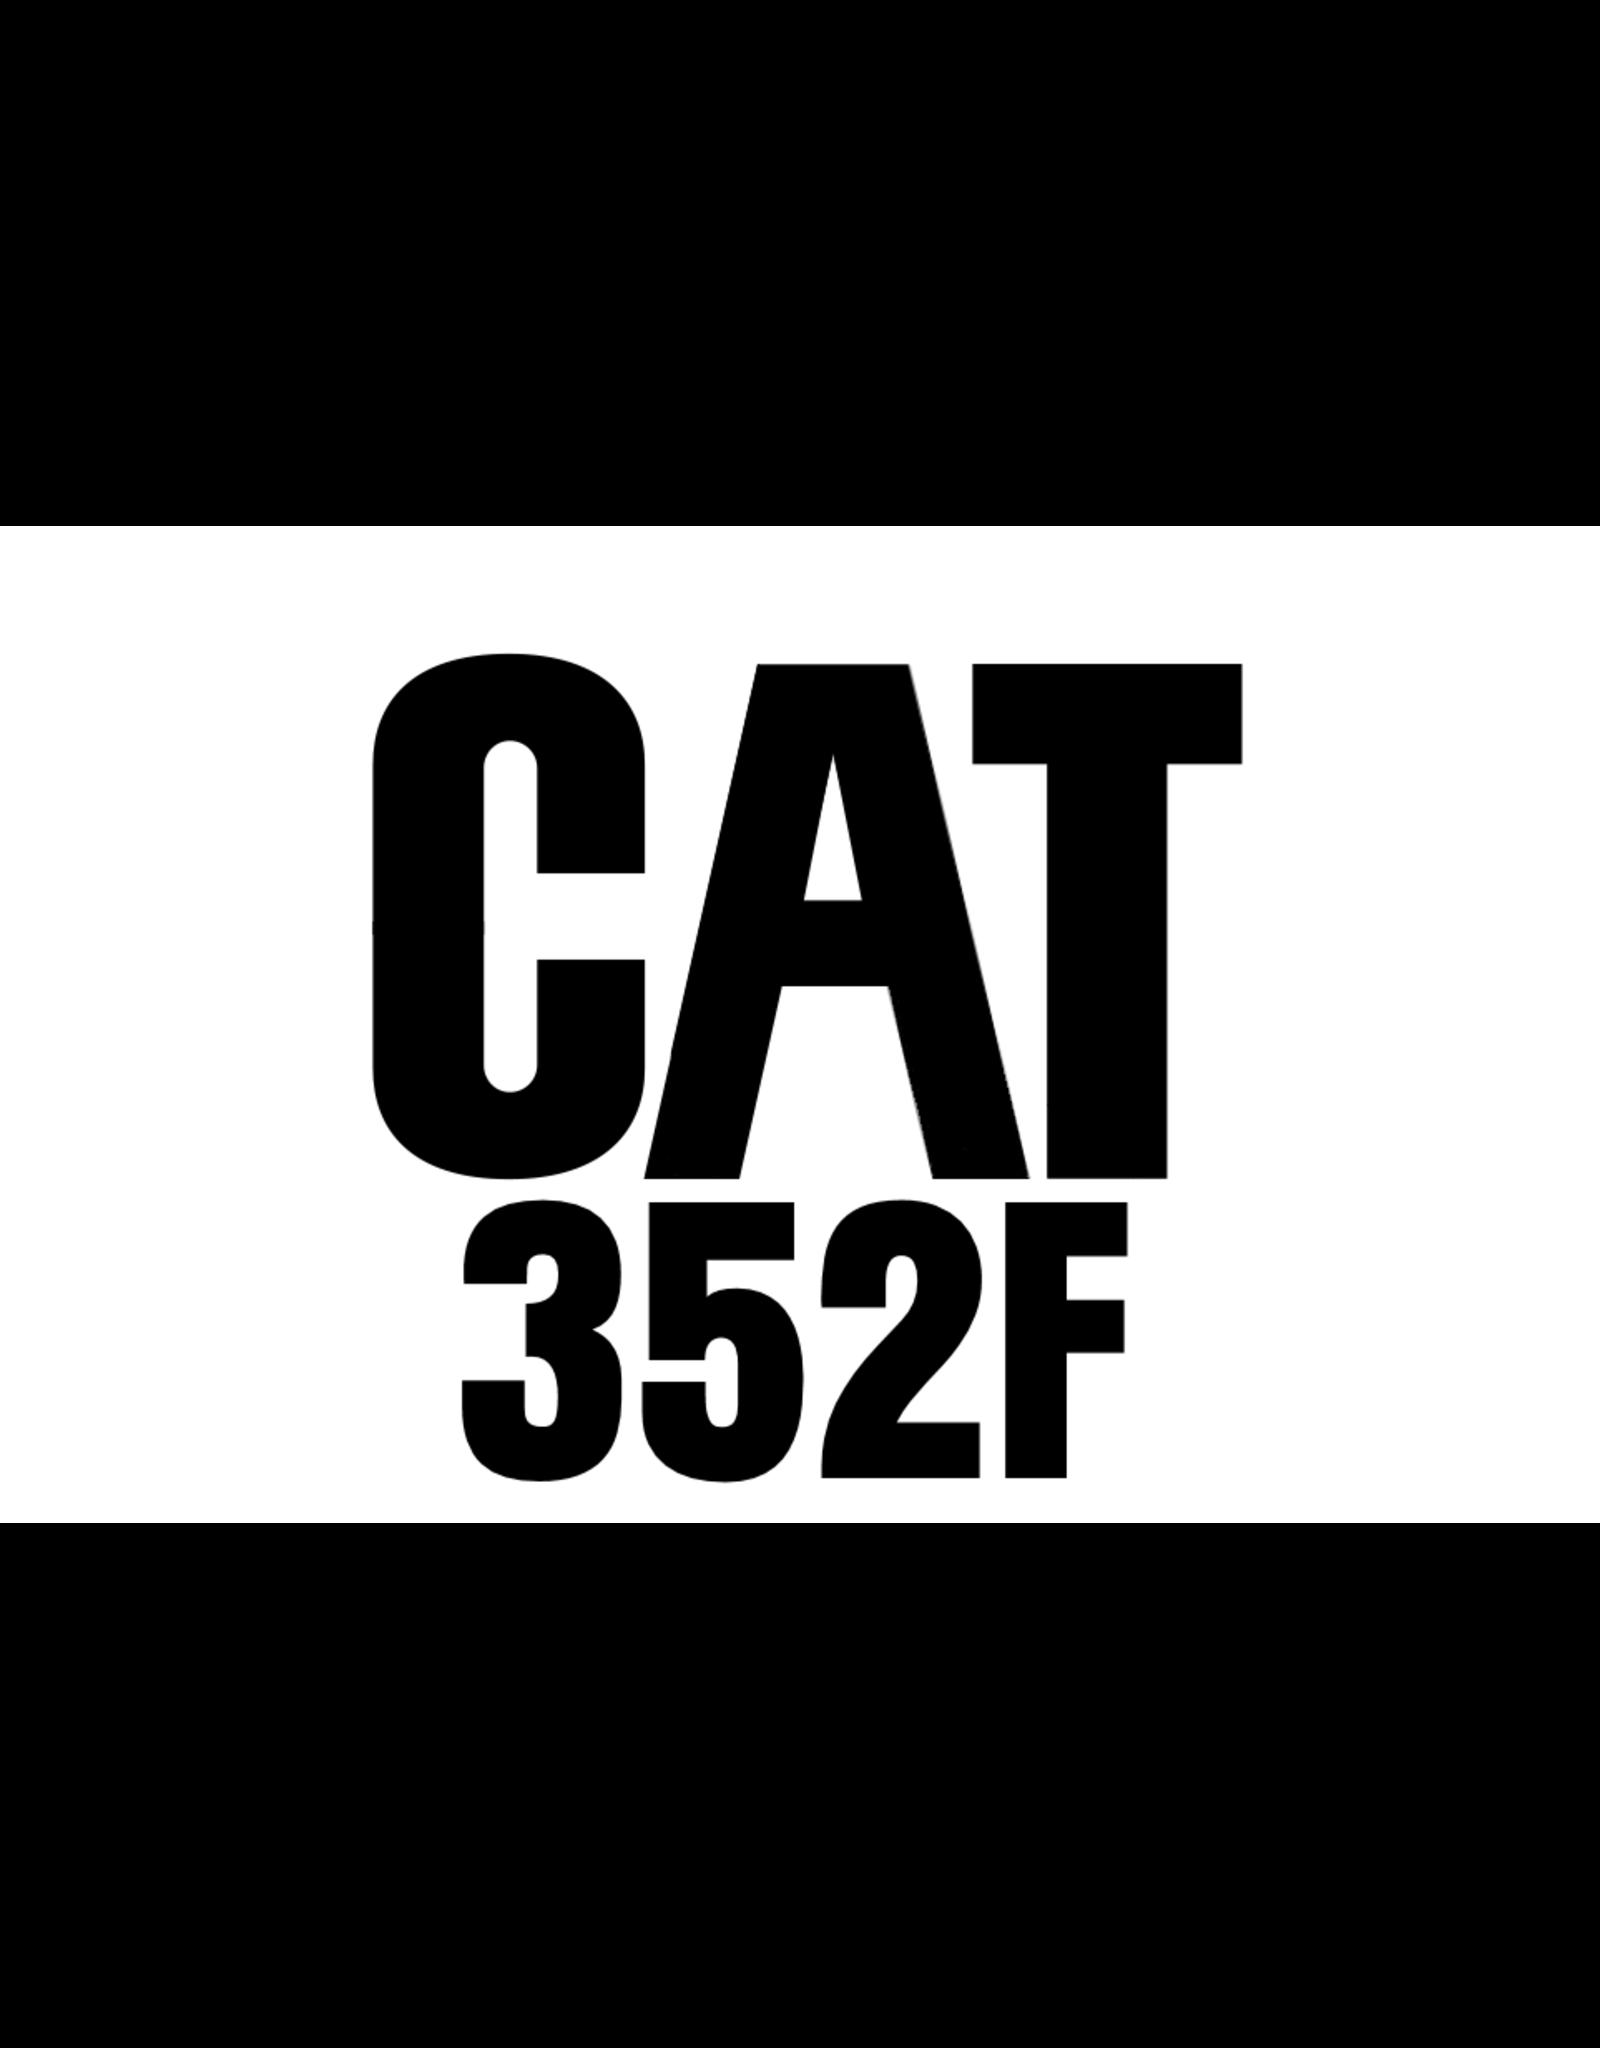 Echle Hartstahl GmbH FOPS für CAT 352F